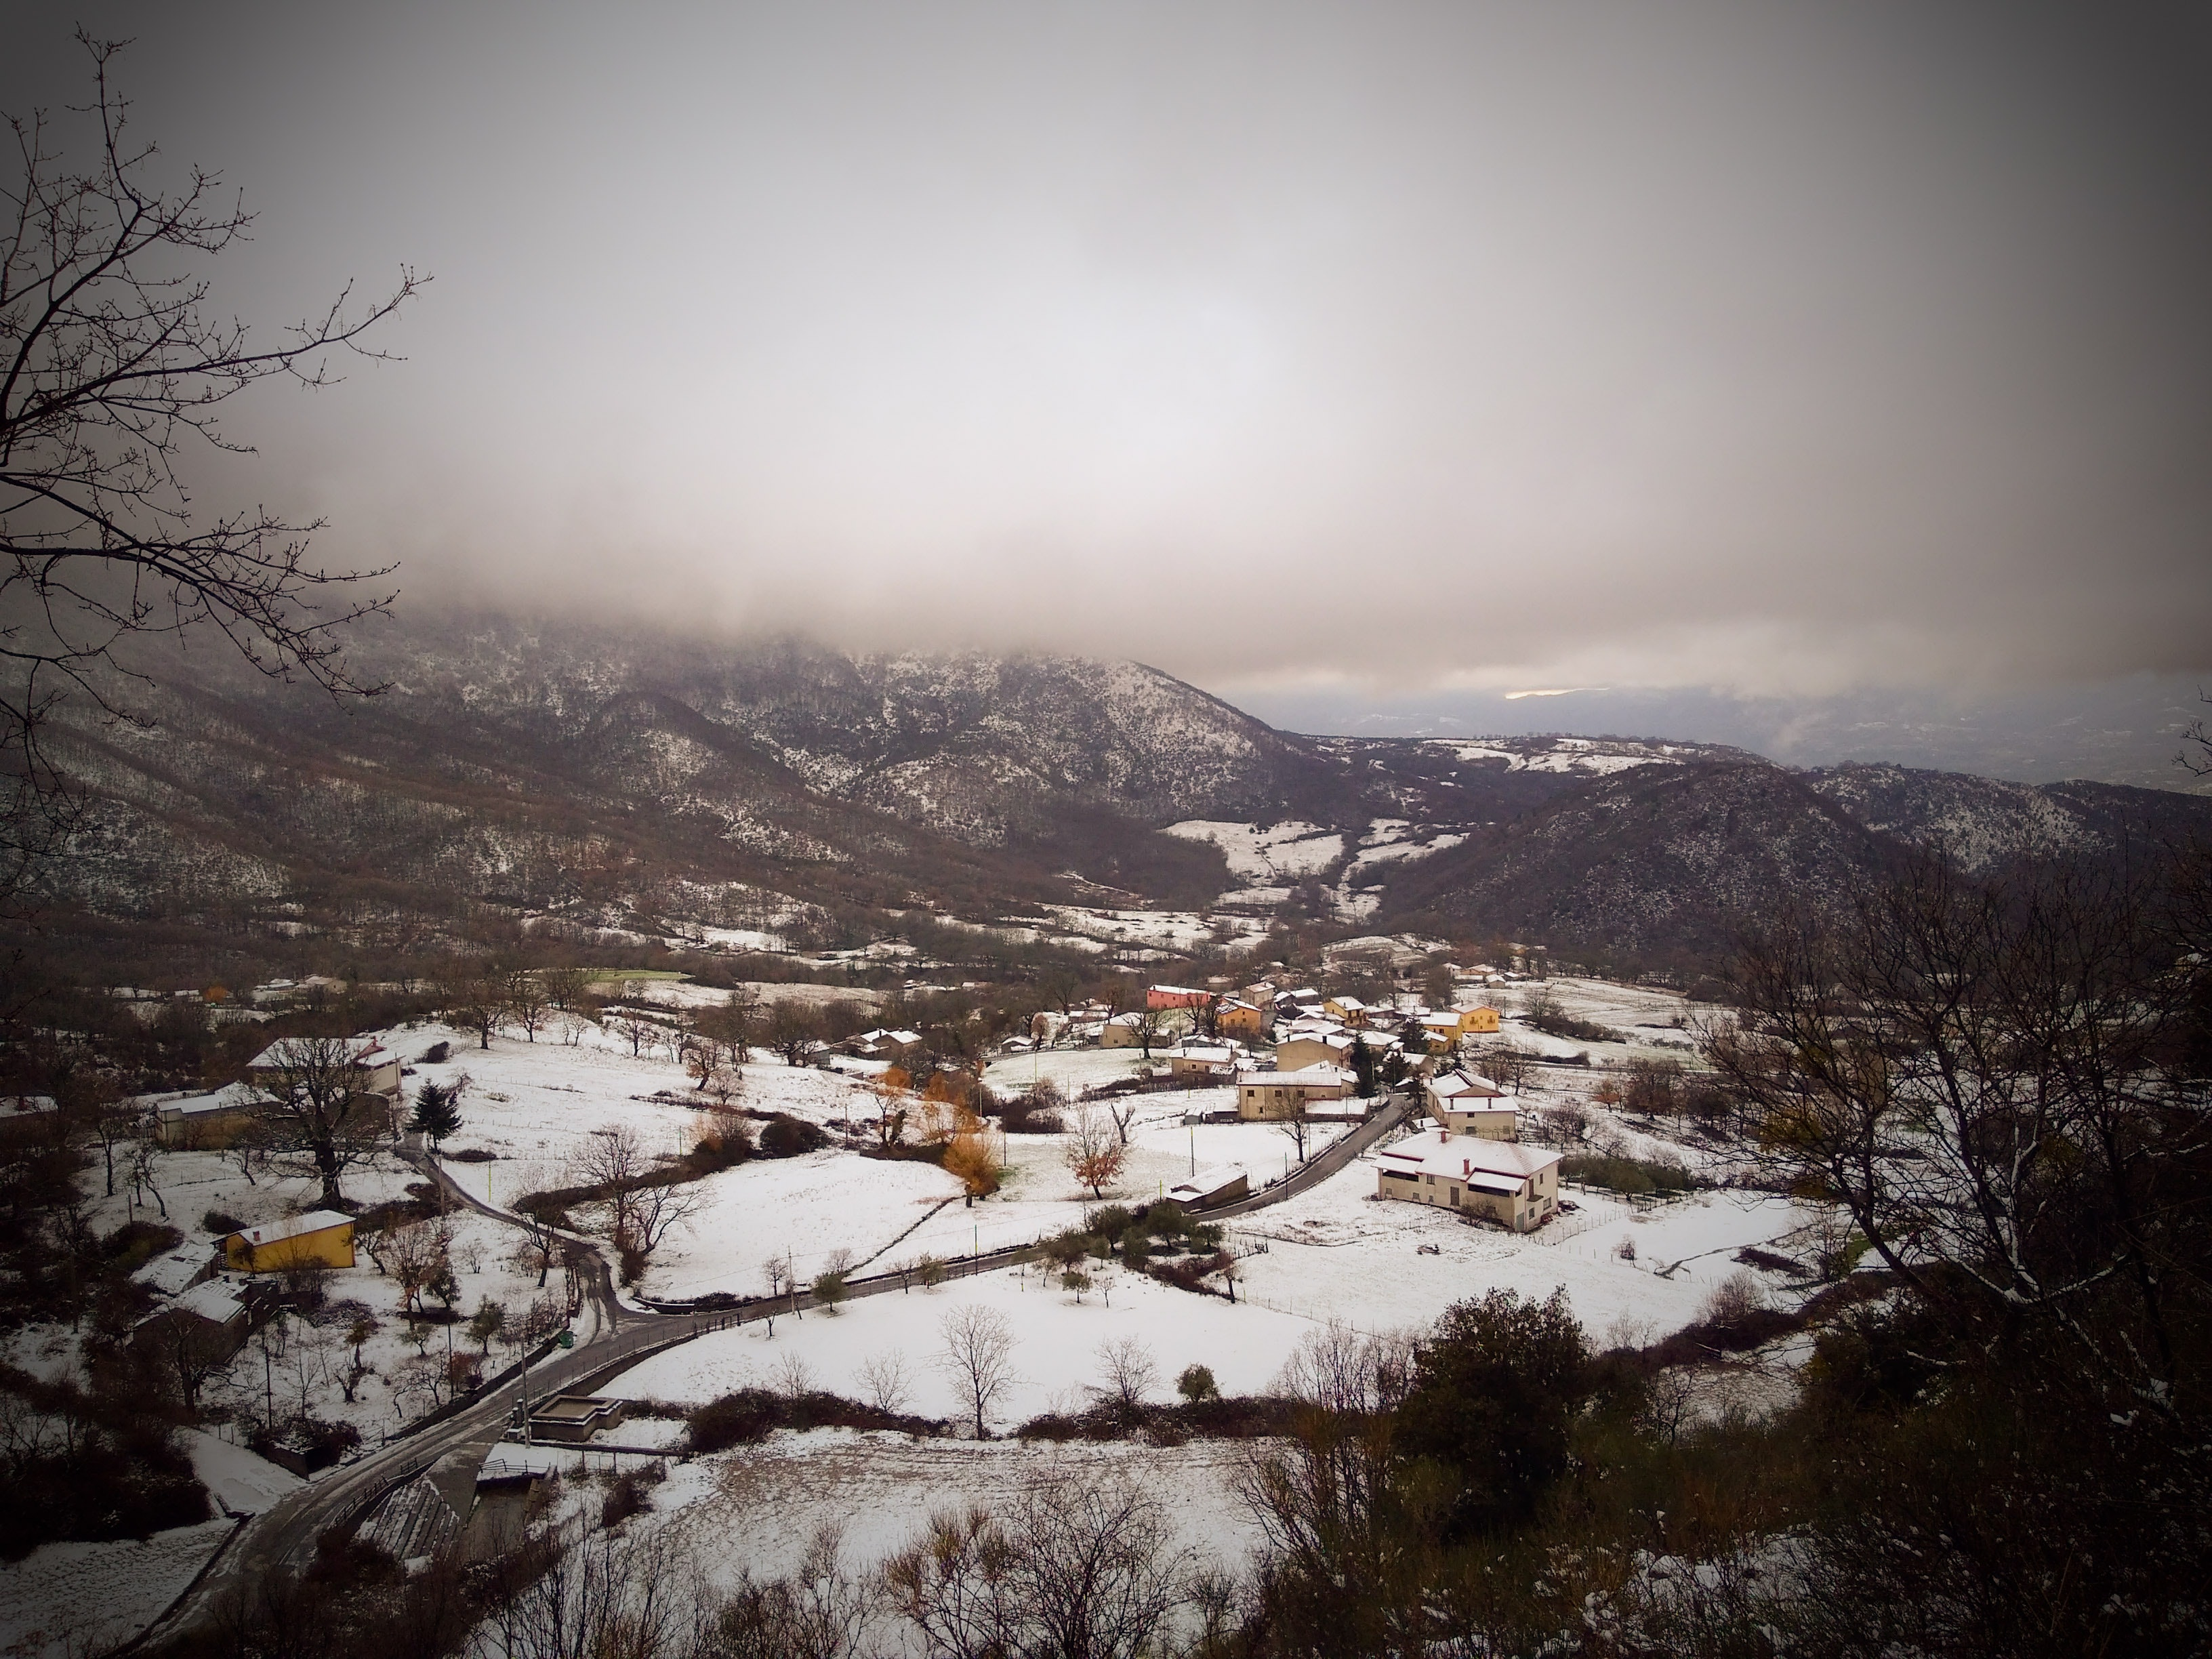 Foto De Stock Gratuita Sobre 4k Snow Mountains